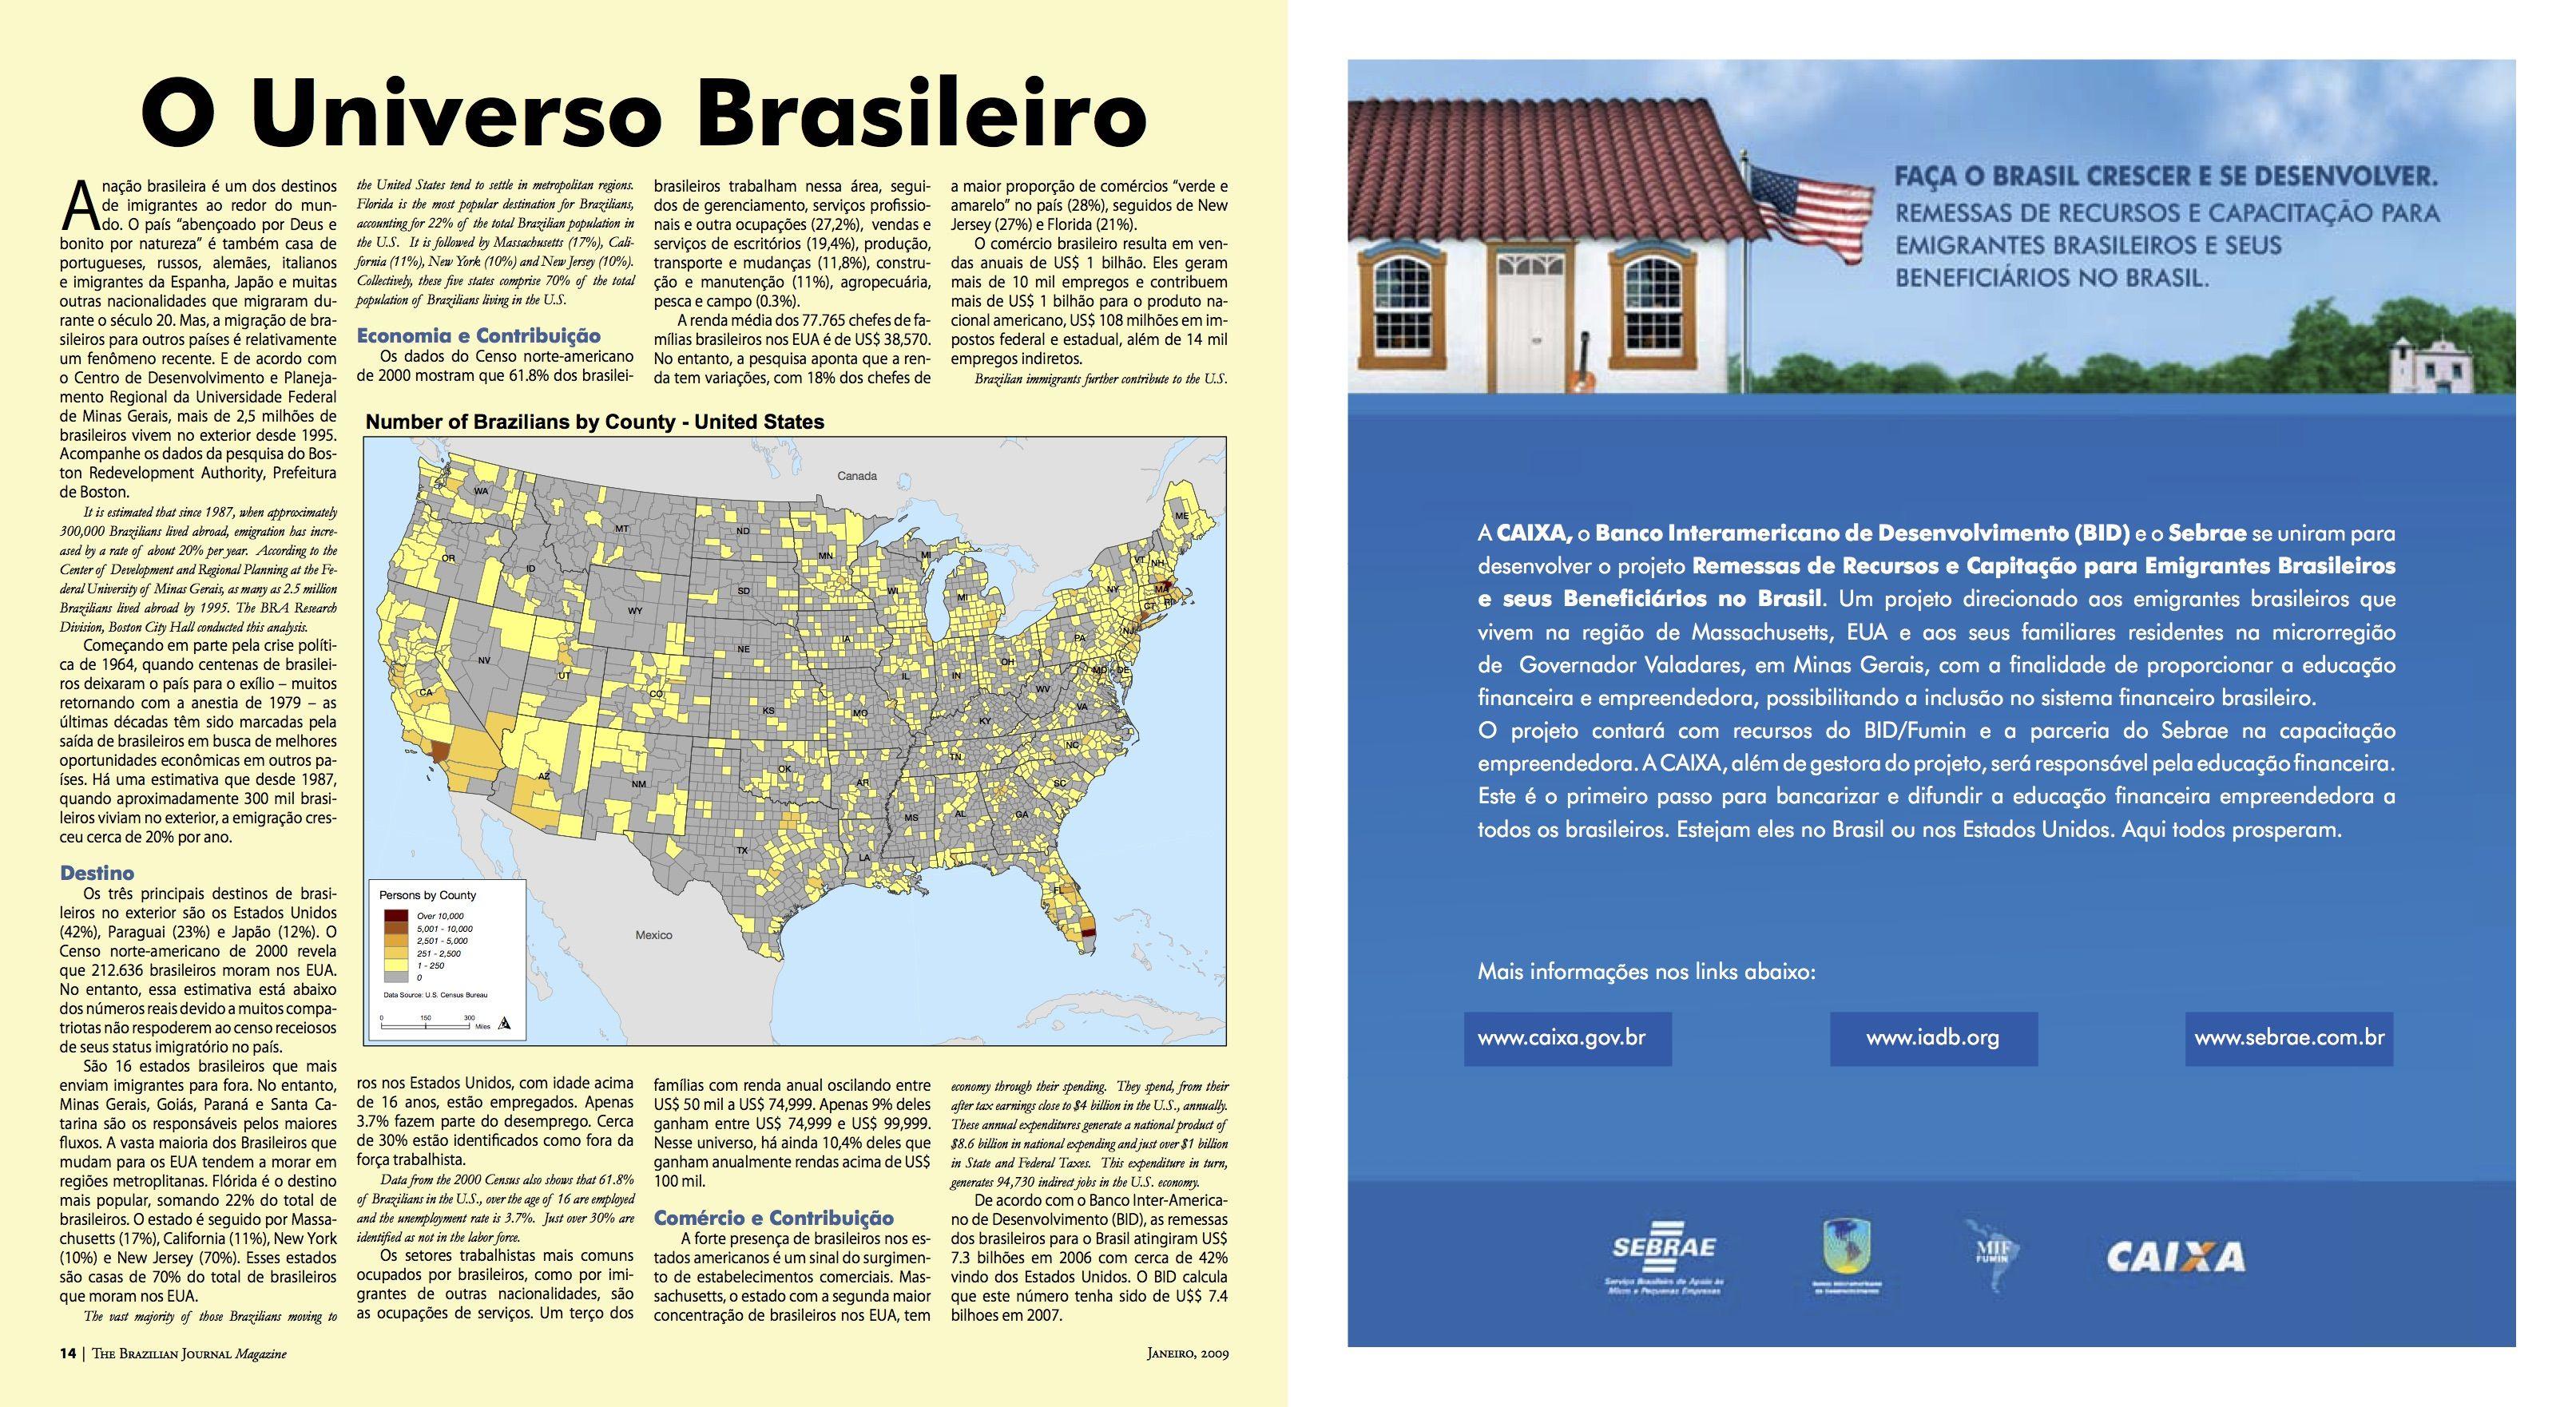 O Universo Brasileiro